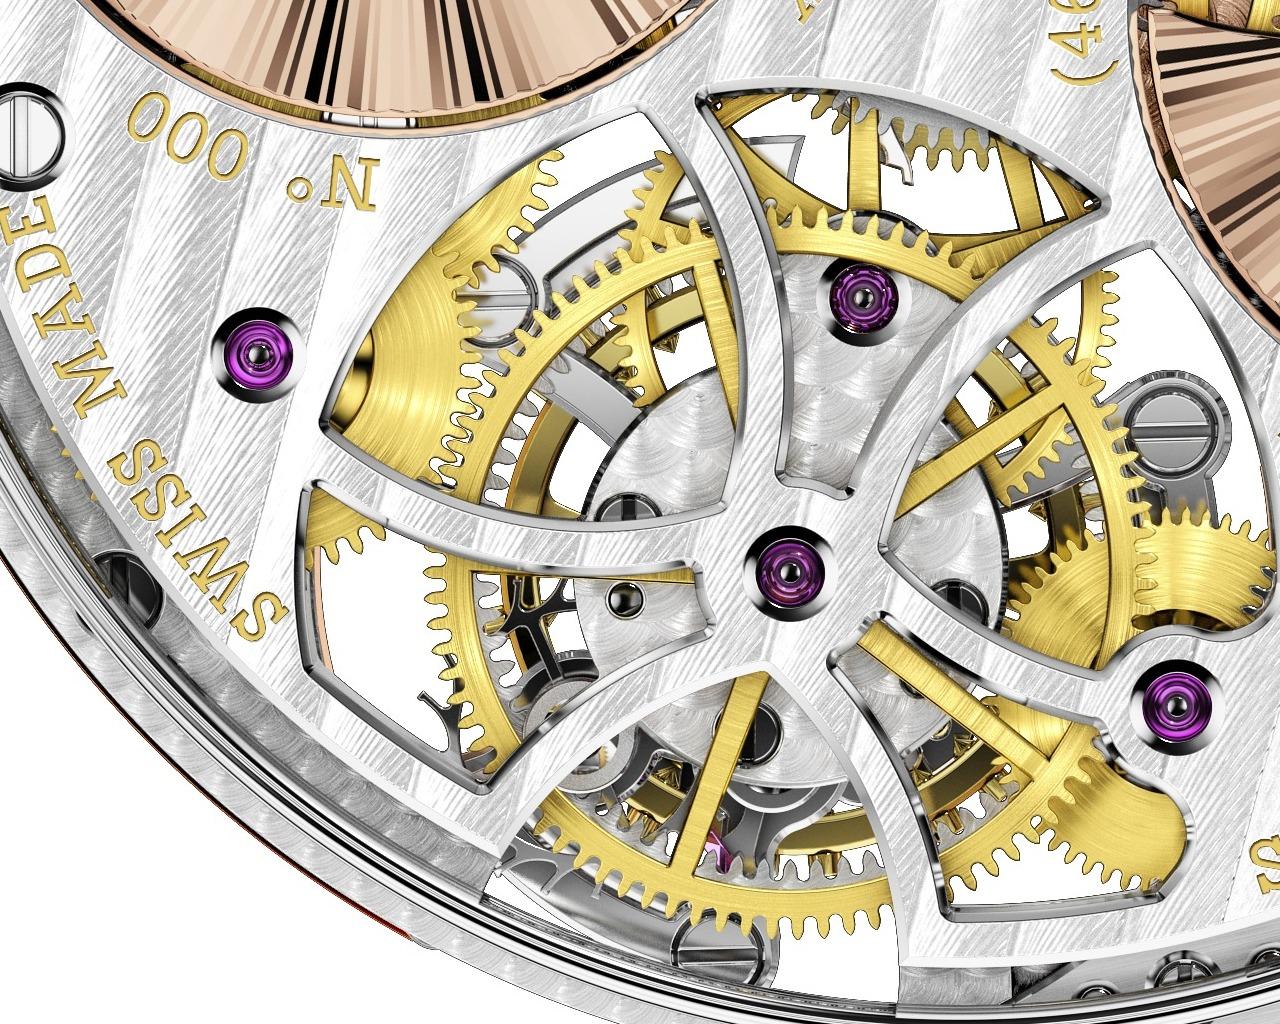 roger-dubuis-hommage-ripetizione-minuti-tourbillon-automatico-limited-edition-0-100_15